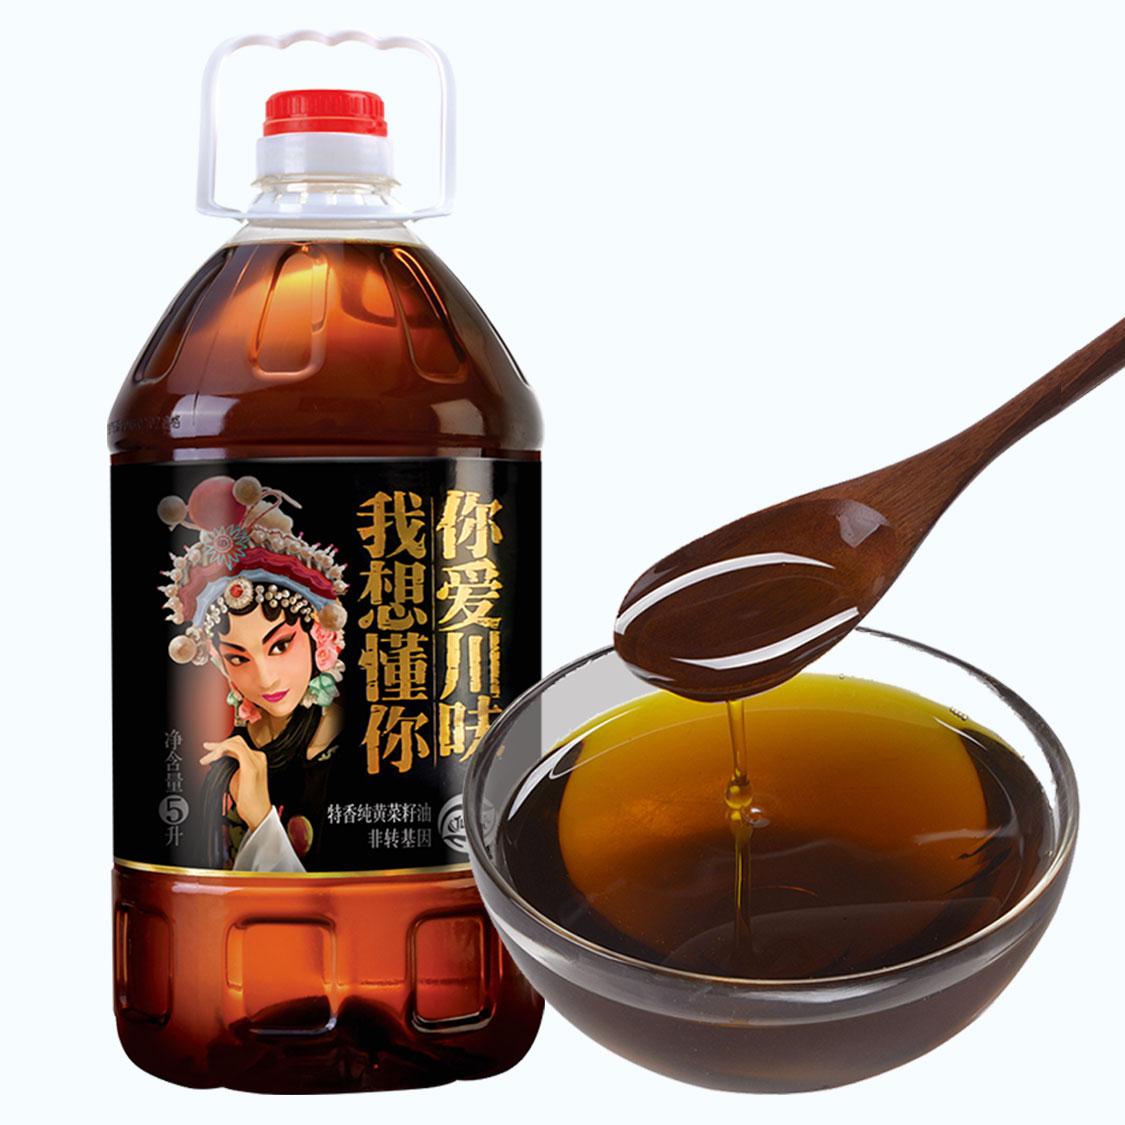 仙餐花旦特香黄菜籽油5l四川菜籽油农家自榨非转基因食用油约10斤